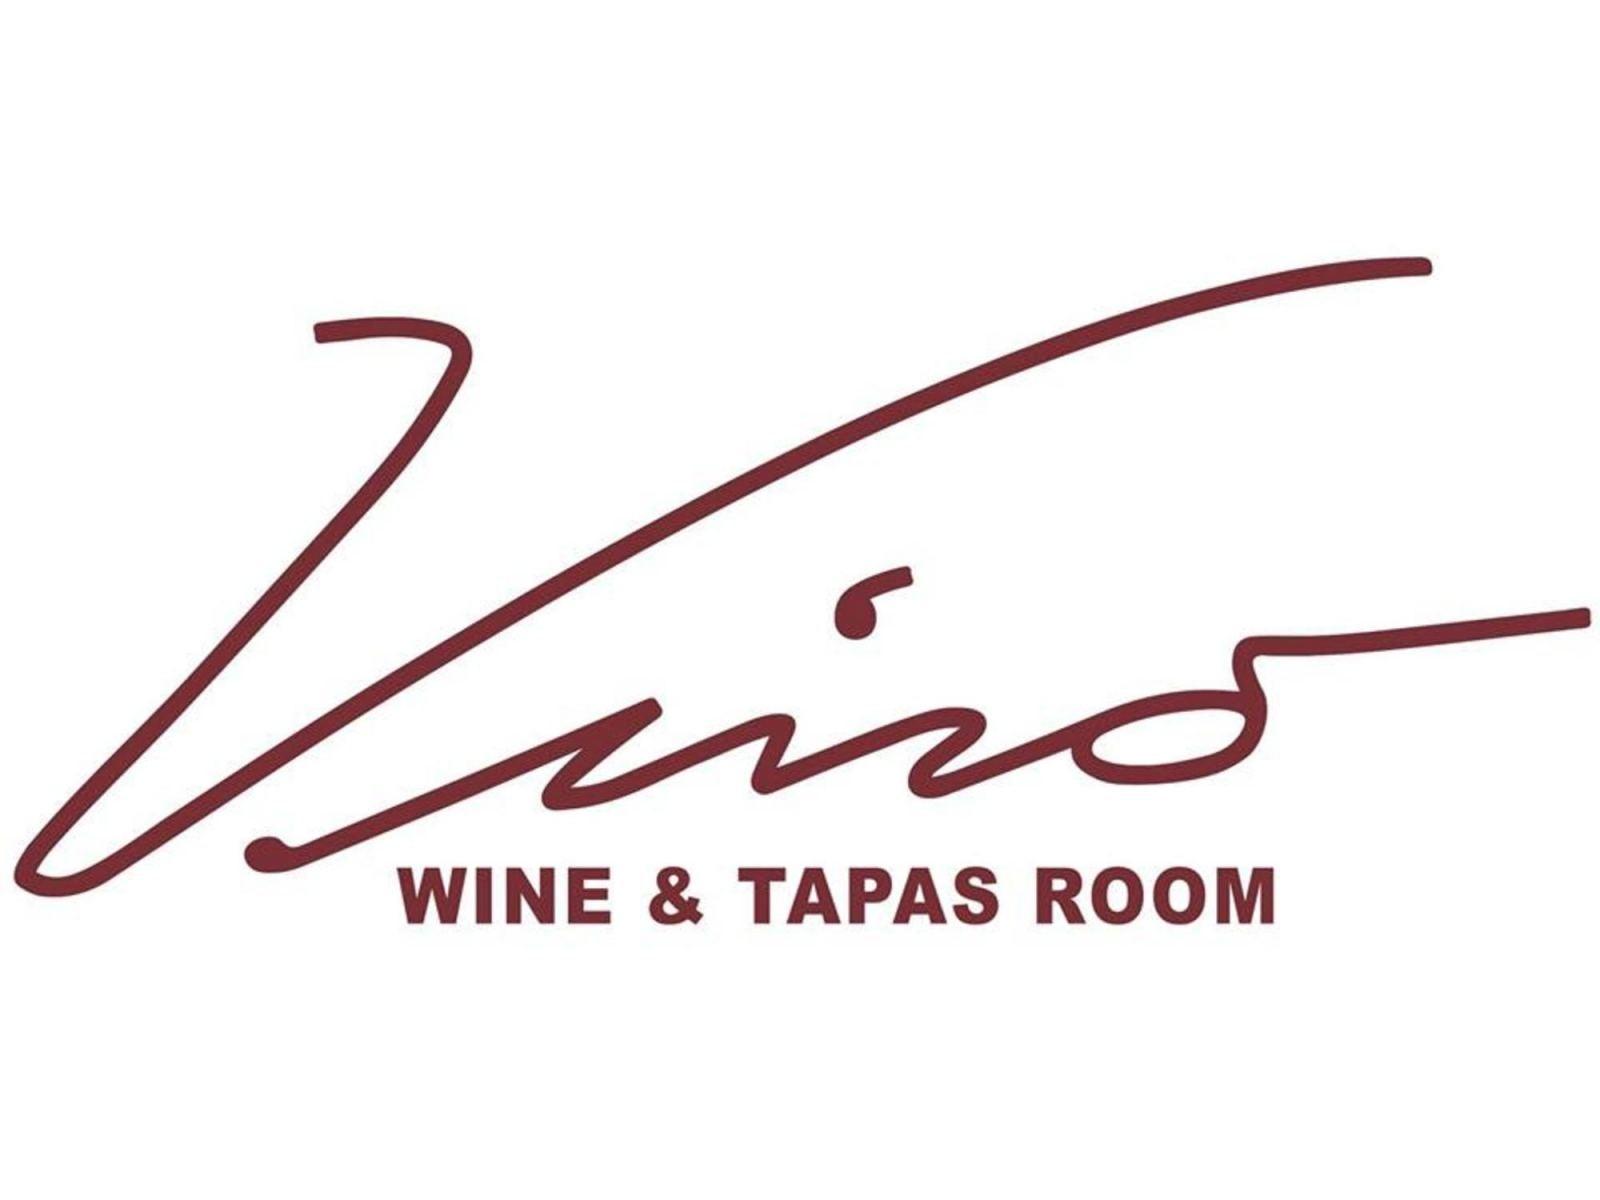 Vino Wine & Tapas Room